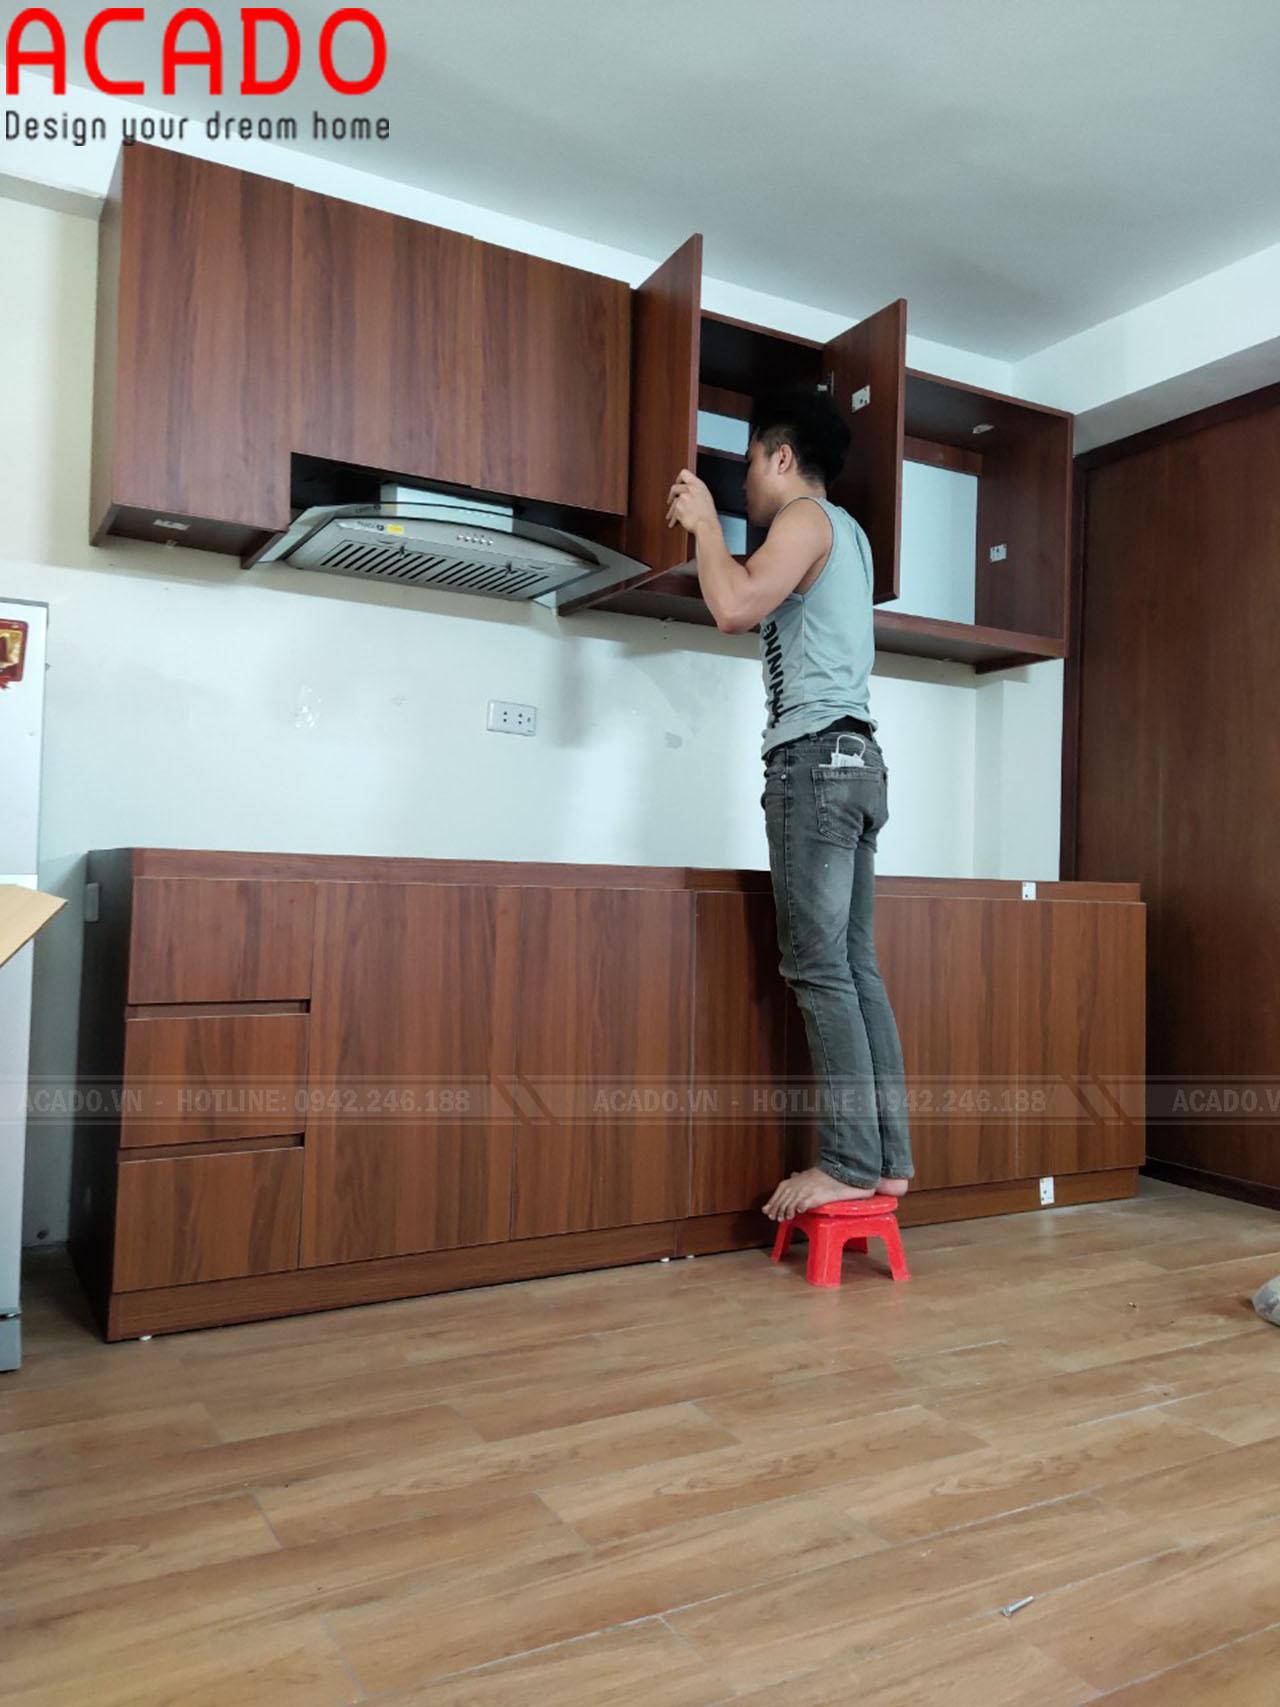 Tủ bếp thiết kế chữ I phù hợp với không gian mọi căn bếp - Nội thất ACADO